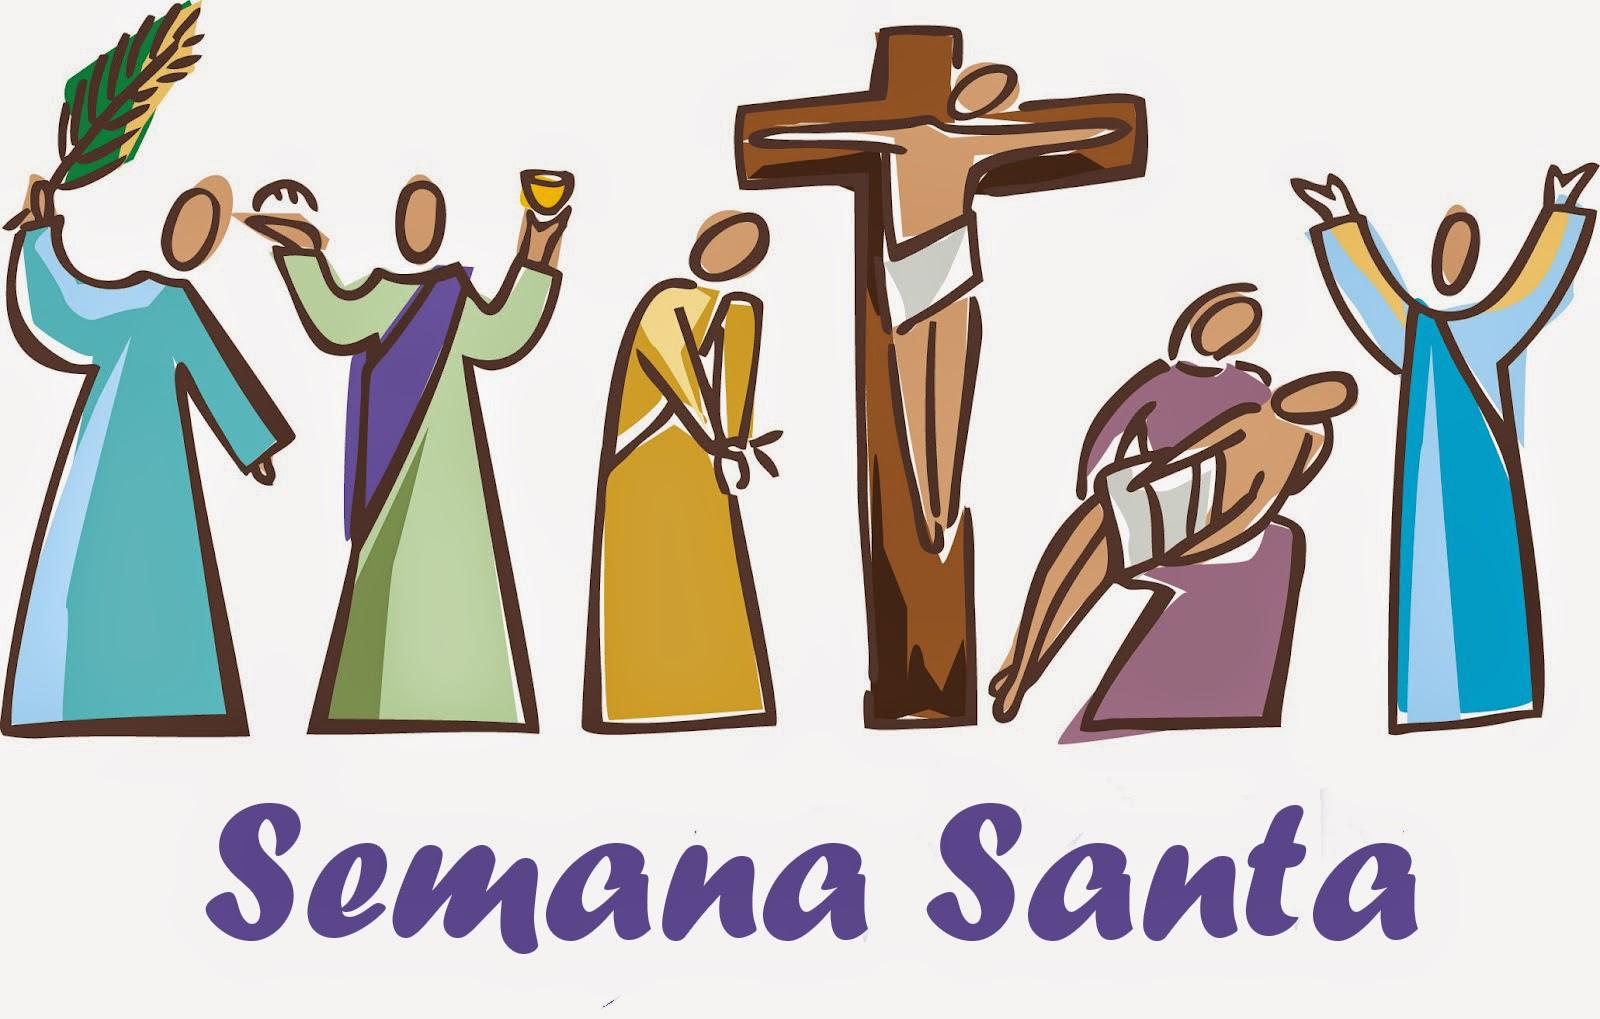 Imágenes De Semana Santa Bonitas Y Con Frases De Reflexión